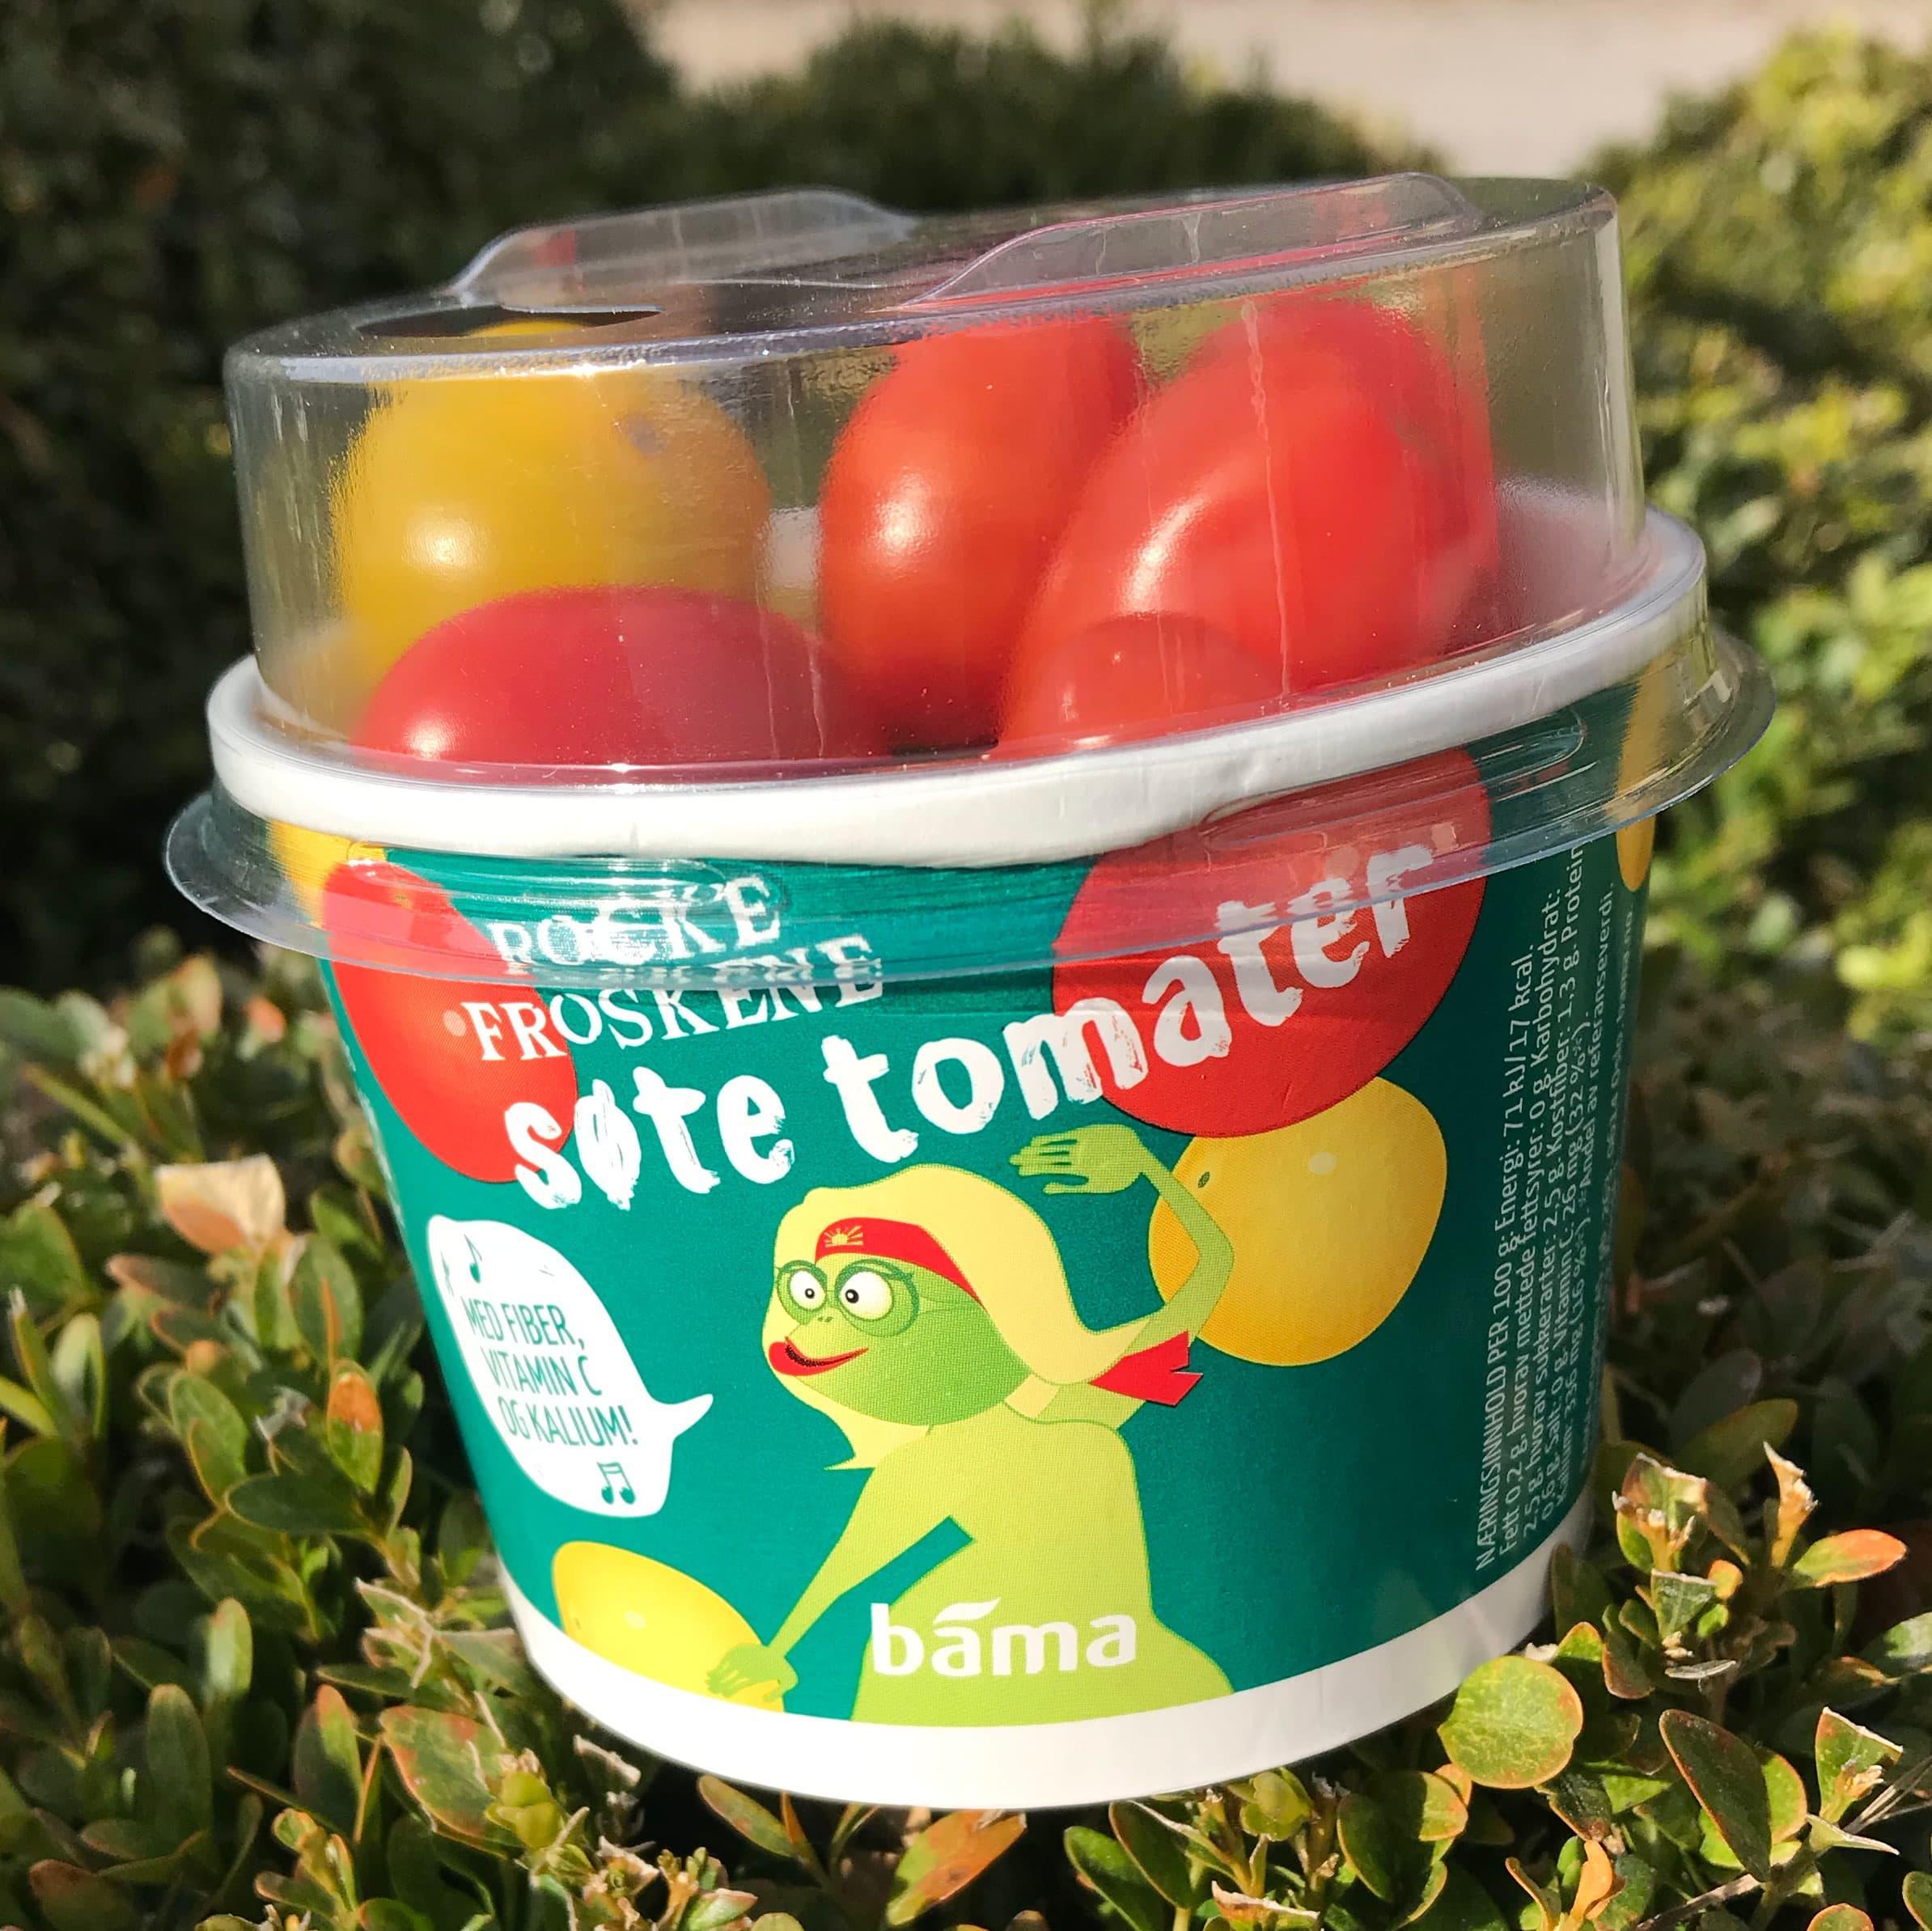 Rockefroskene - søte tomater